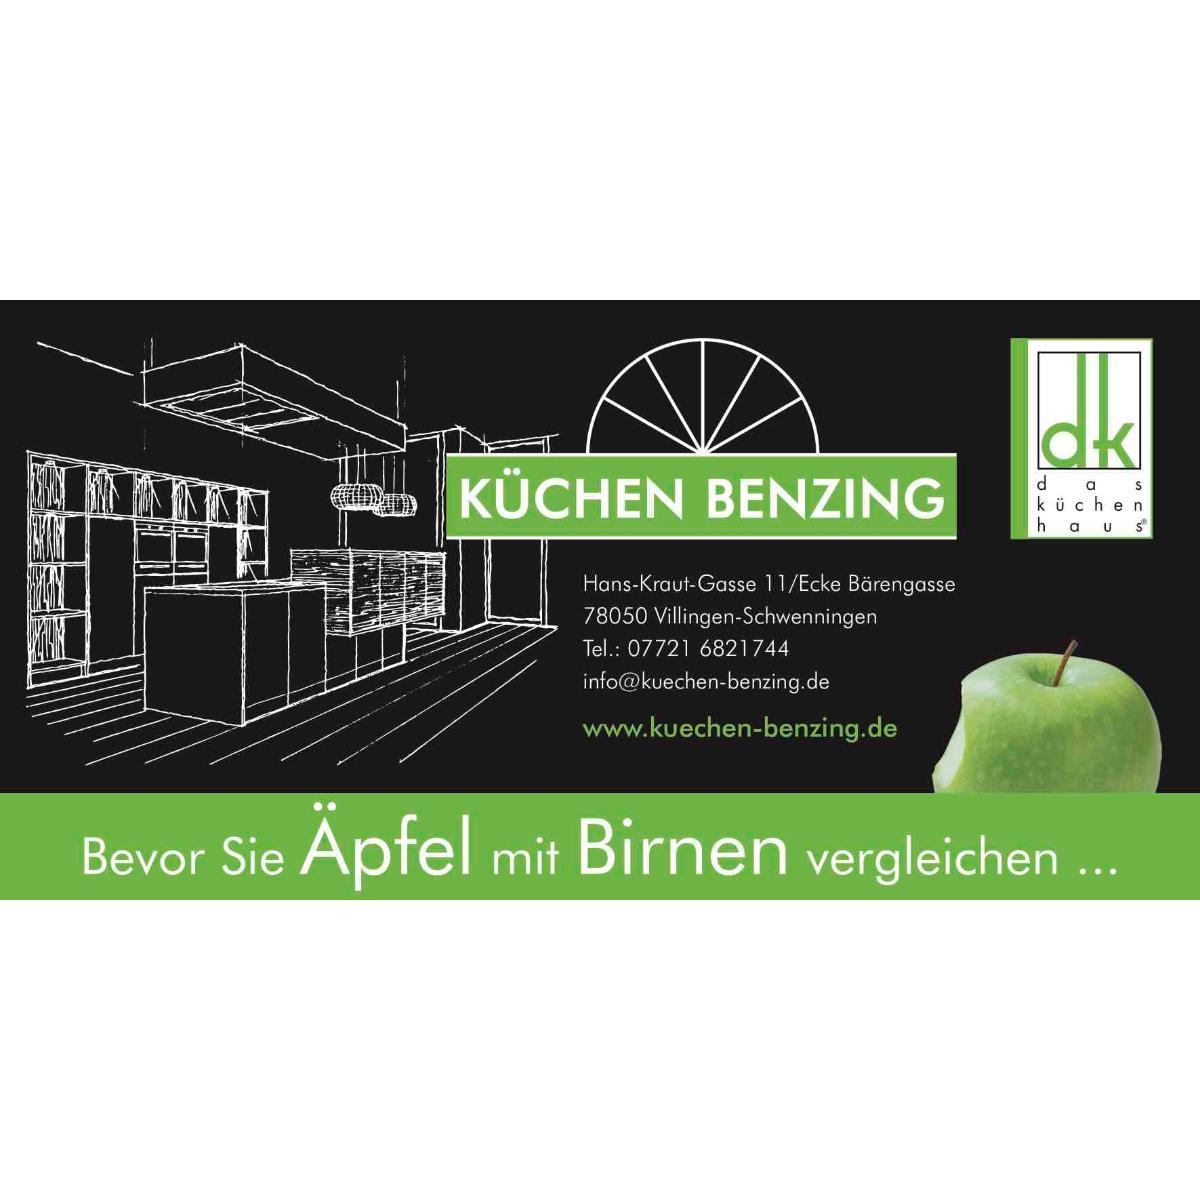 DK Küchen Benzing. Küchen. Villingen Schwenningen